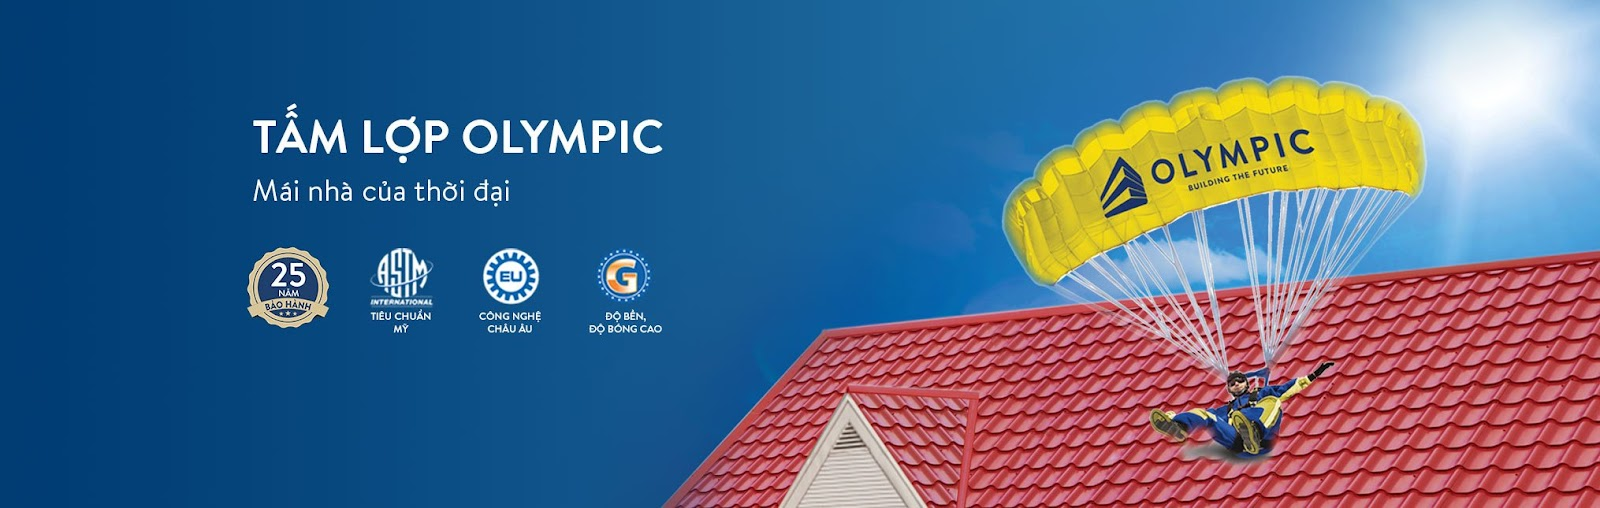 Tôn Olympic - Mái nhà của thời đại